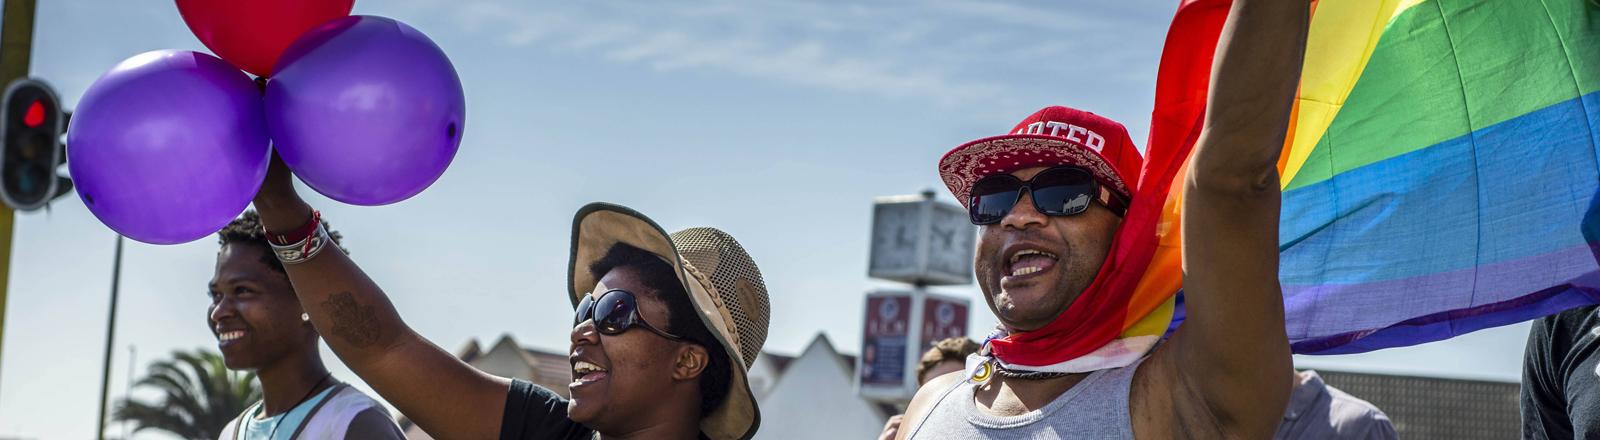 Gay Parade in Swakopmund, Namibia